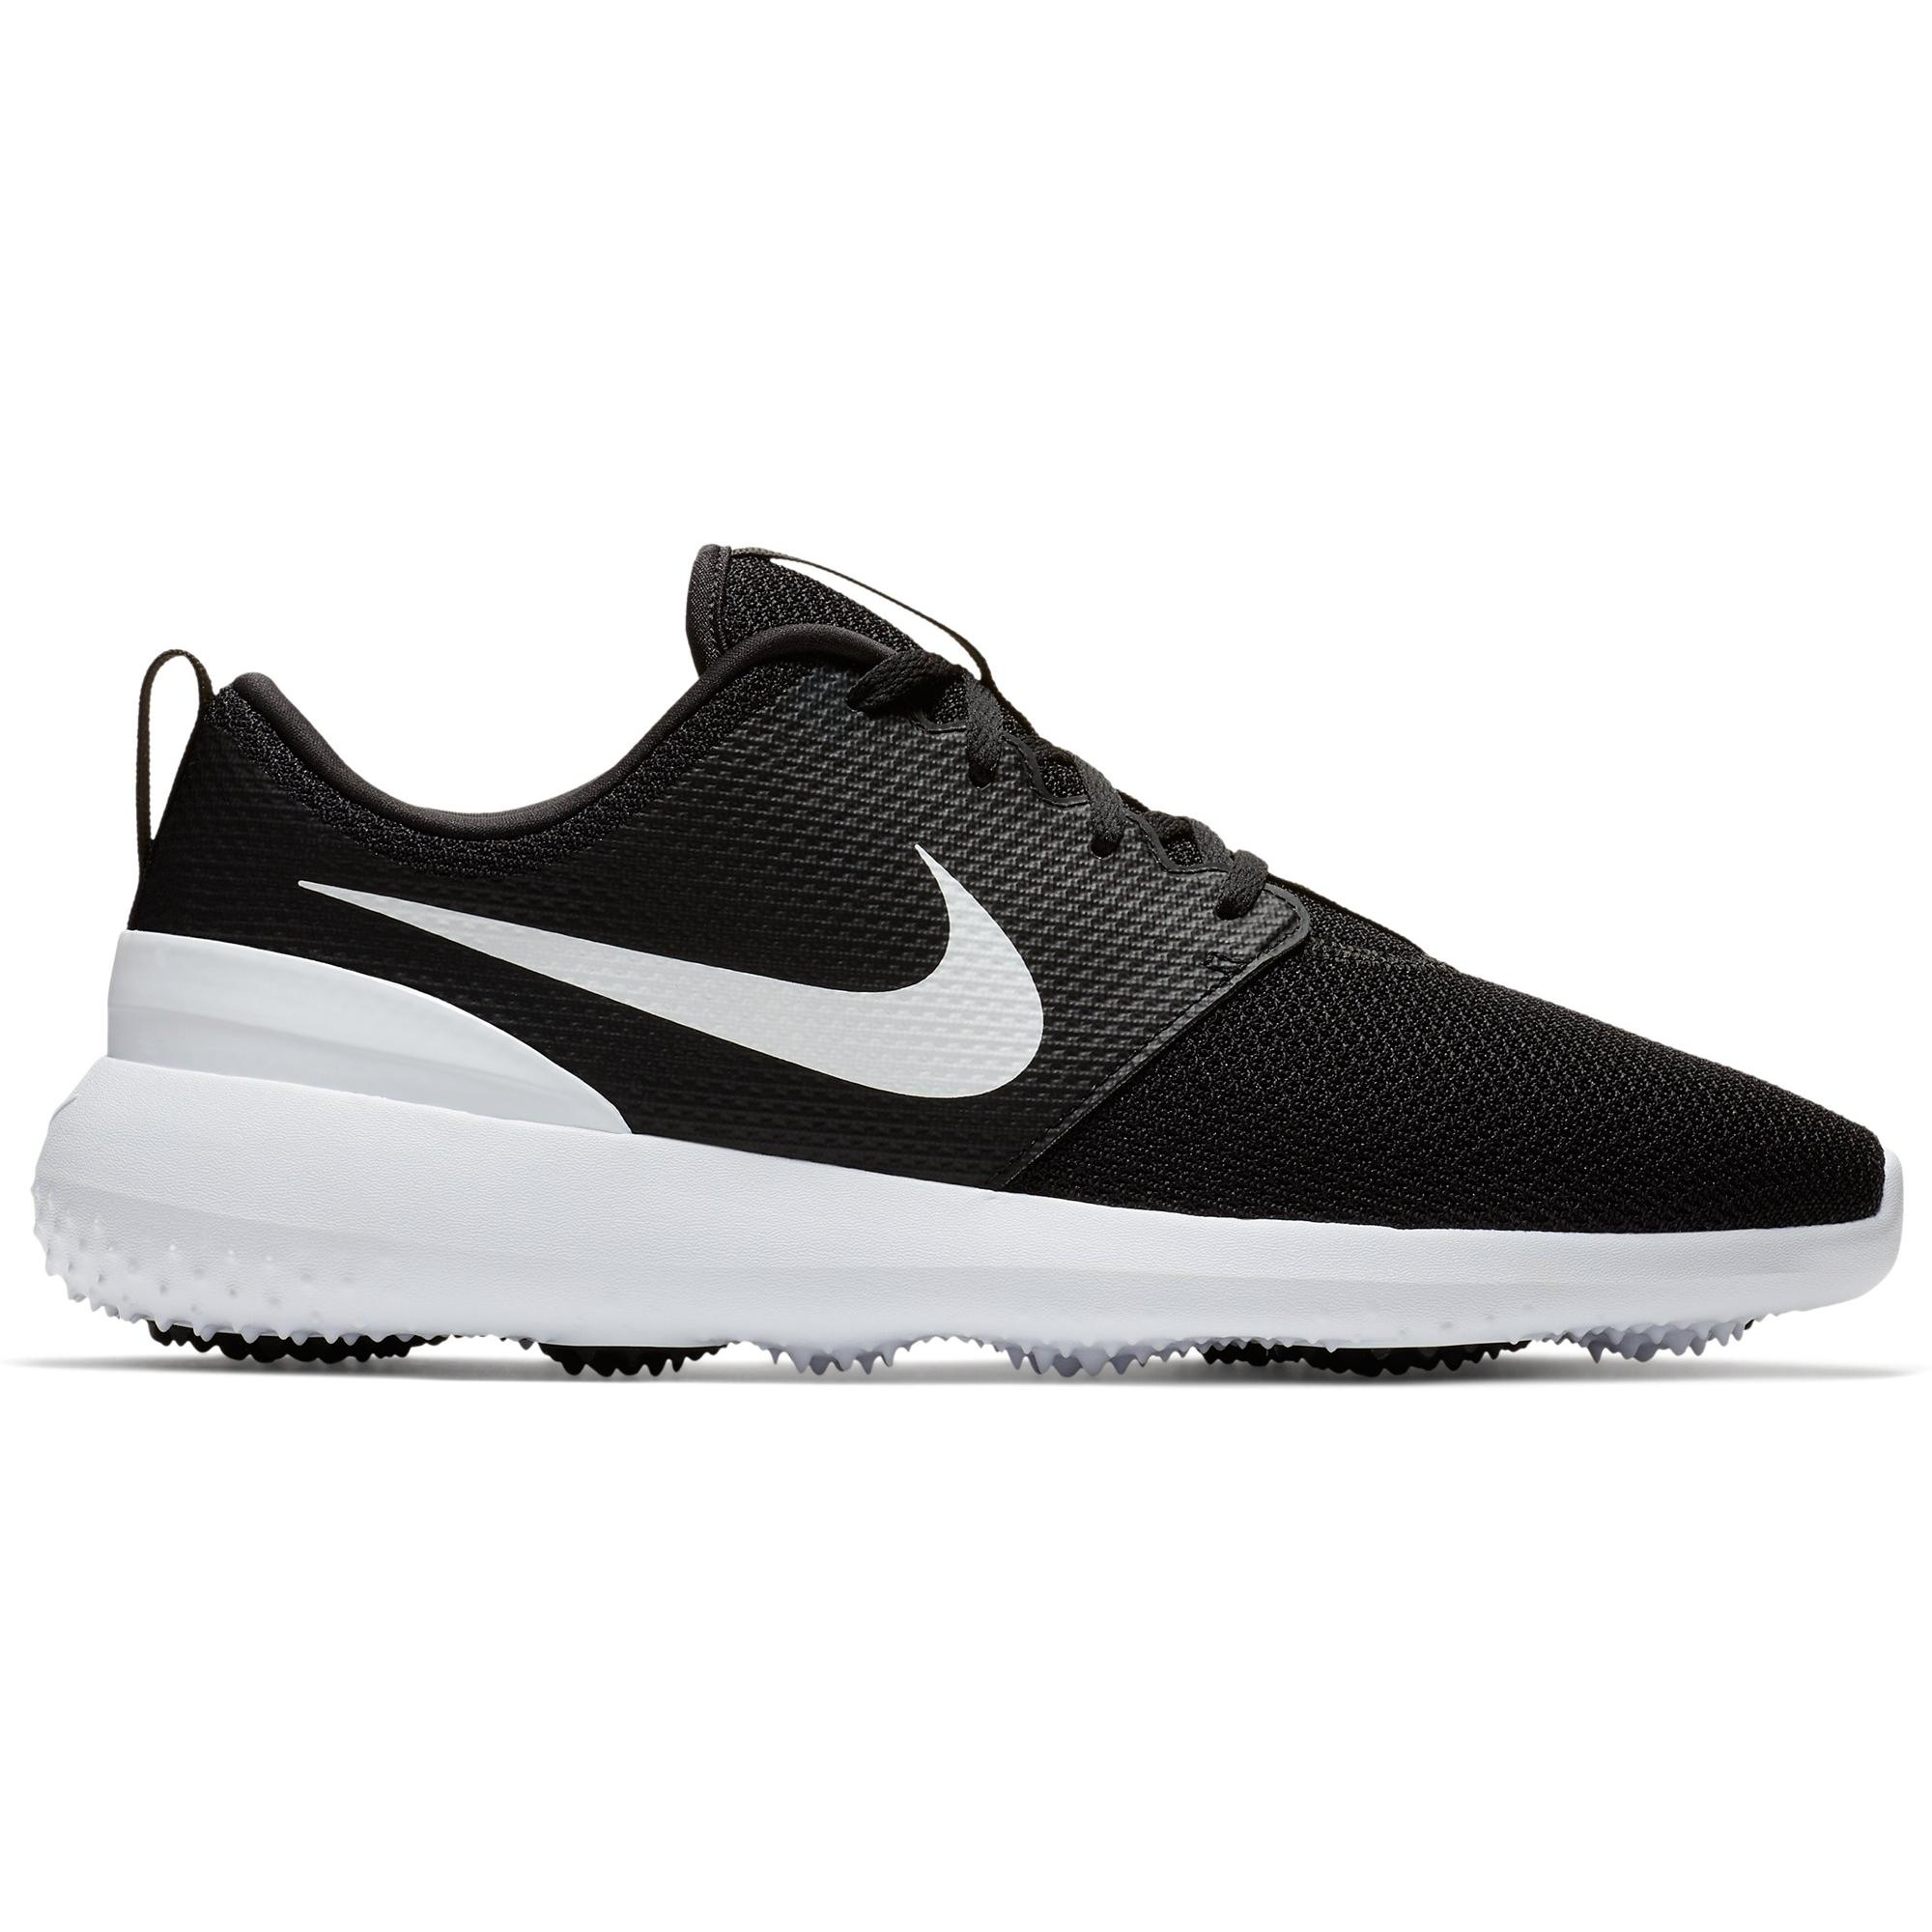 Mens Roshe G Spikeless Golf Shoe - Black